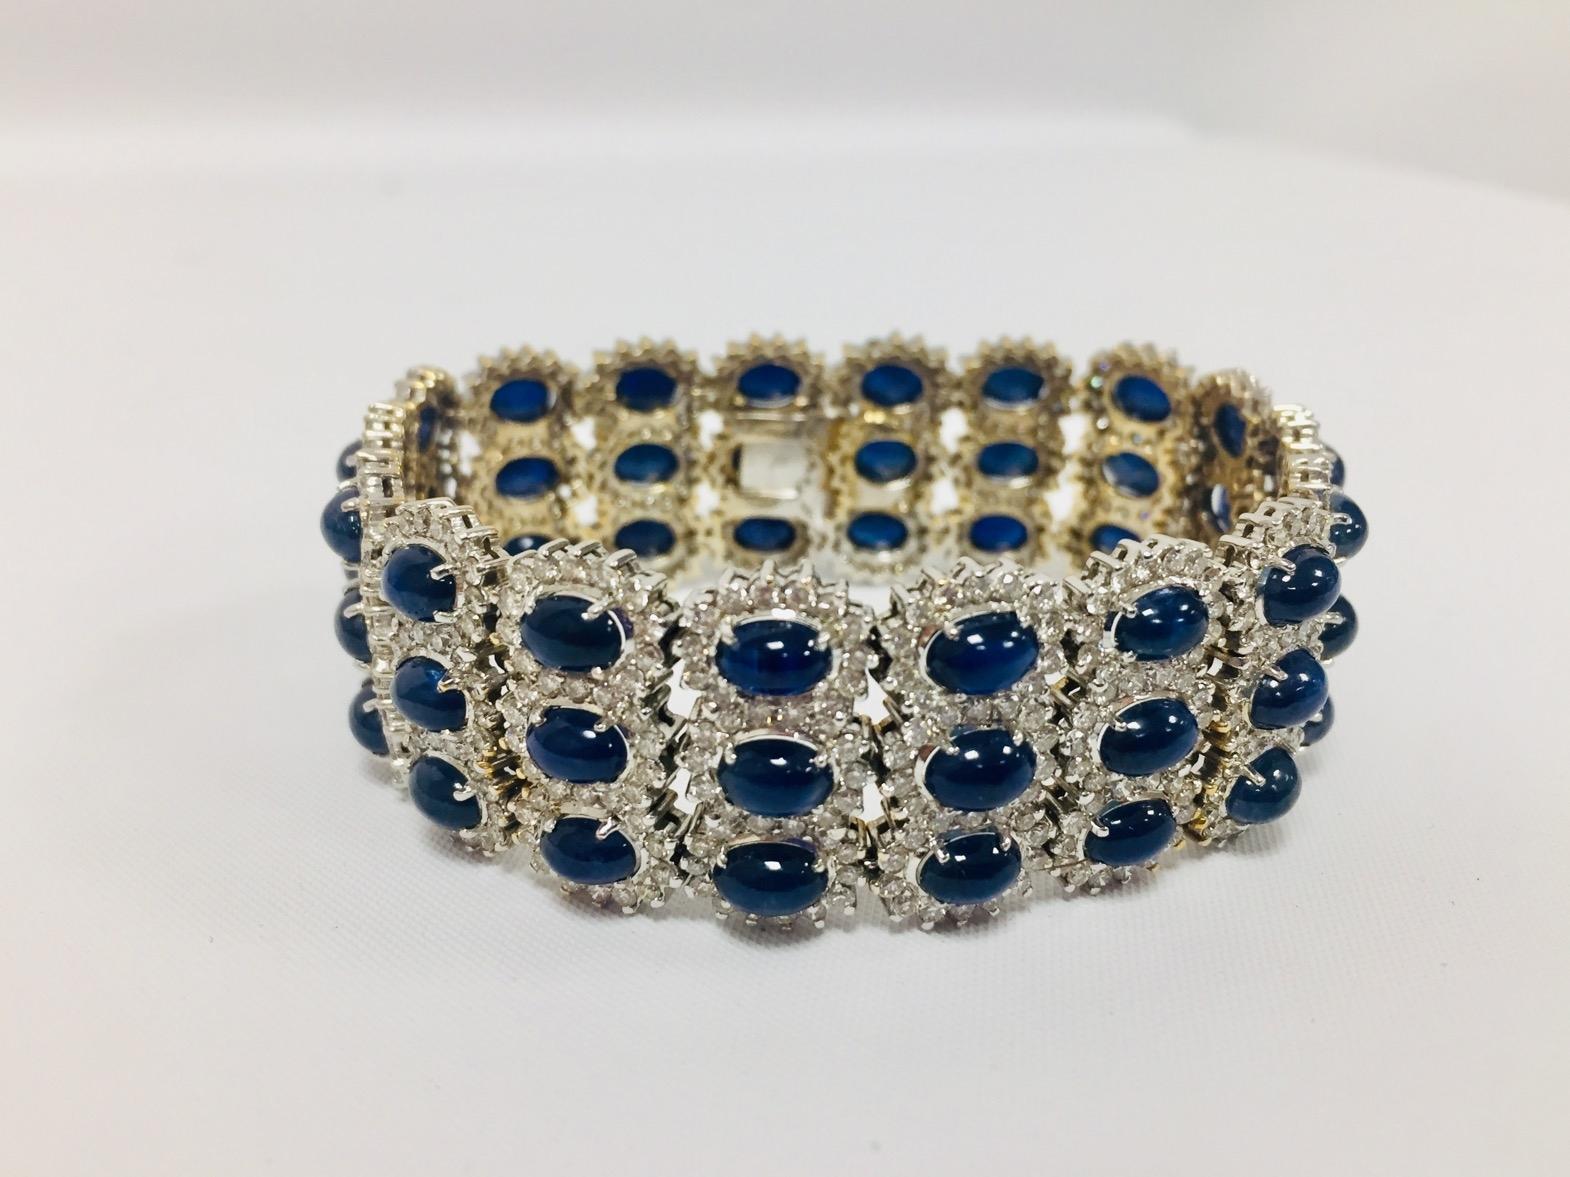 50-1 Bracelet manchette en or blanc et jaune serti de 3 rangées de saphirs cabochons et brillants. Adjugé 4750€